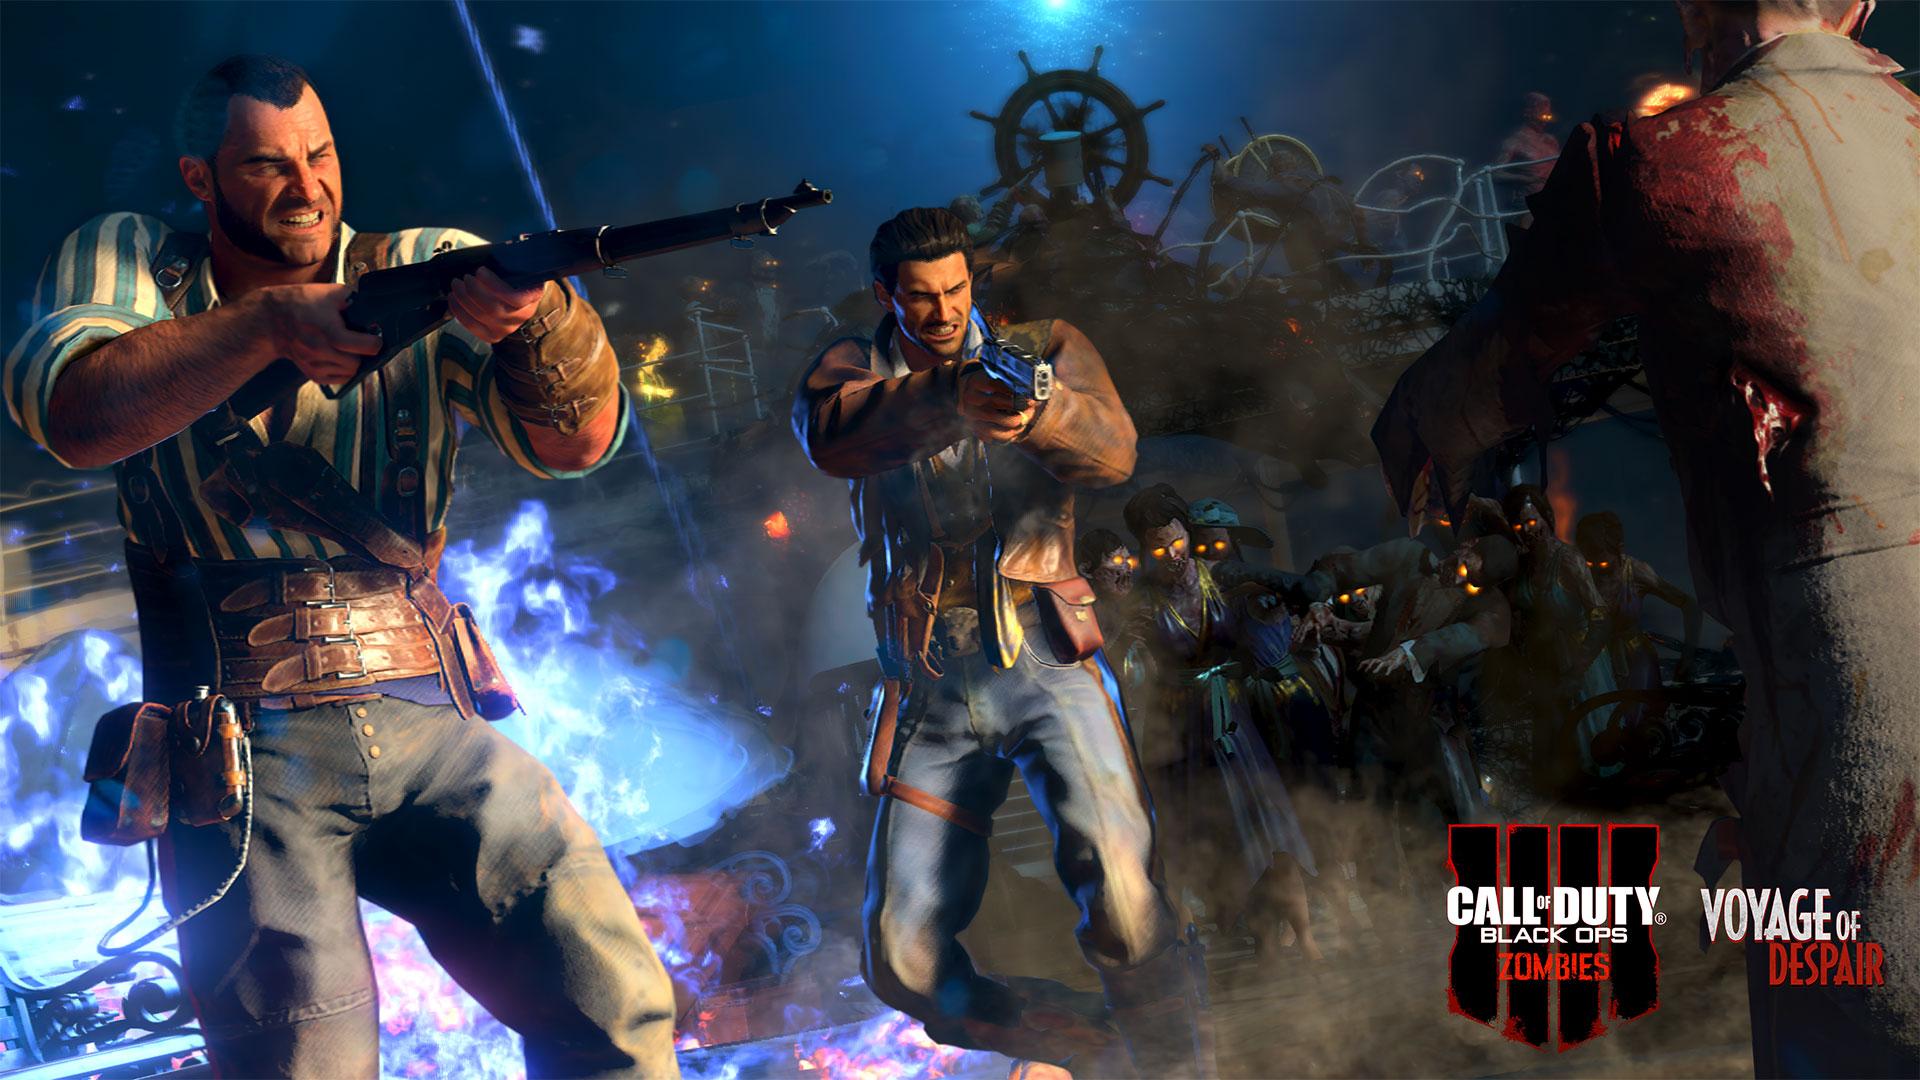 Call of Duty Black Ops 4 Zombies Voyage of Dispair